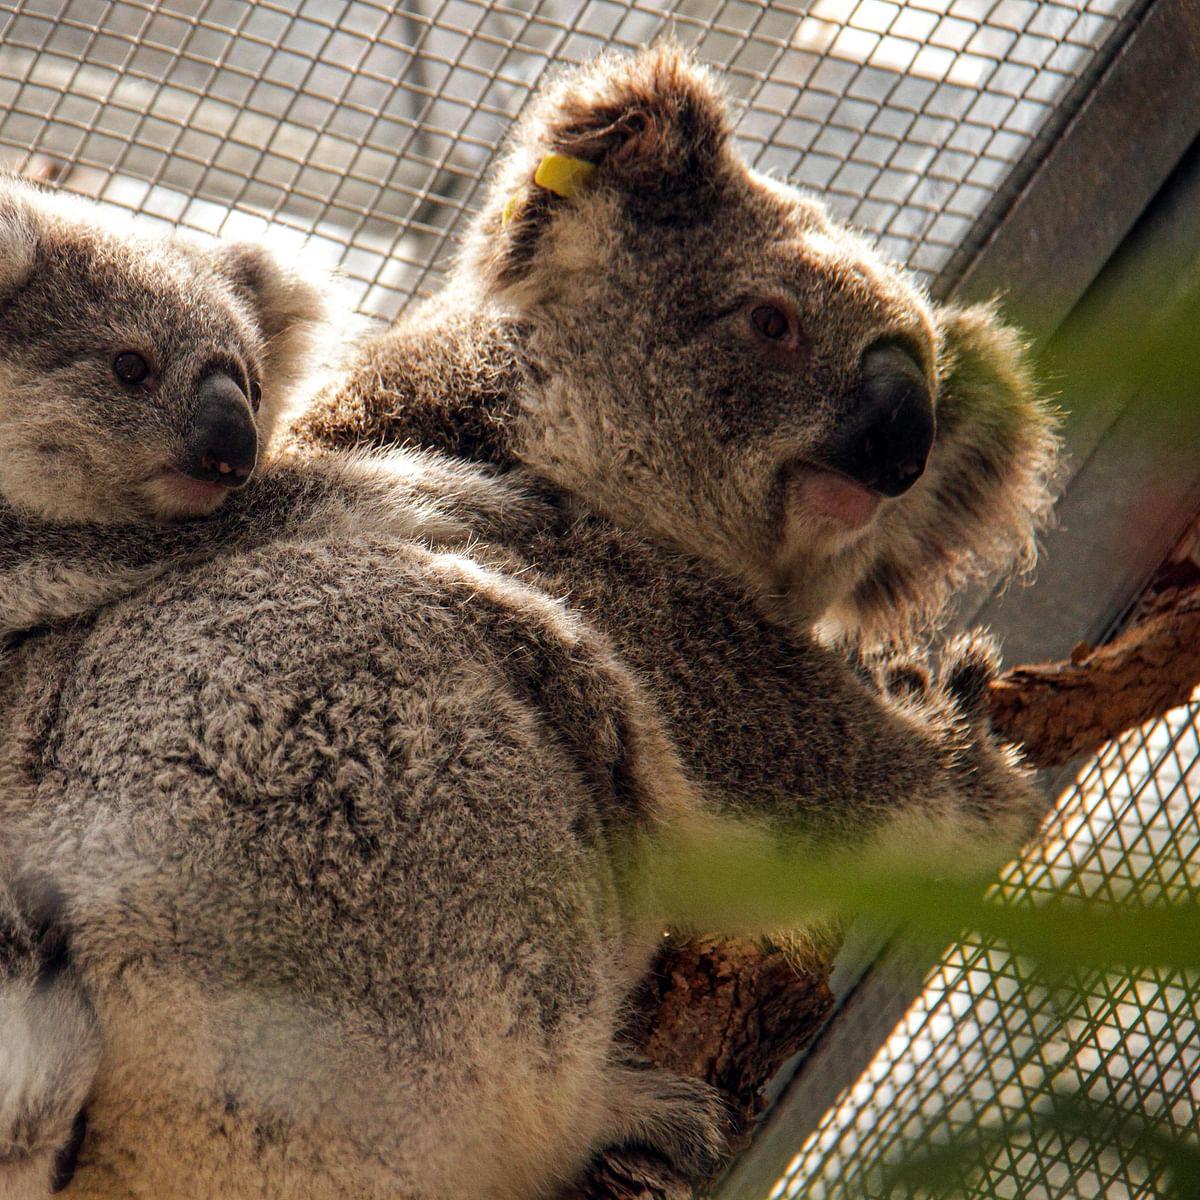 Koalas rescued from path of raging bushfire